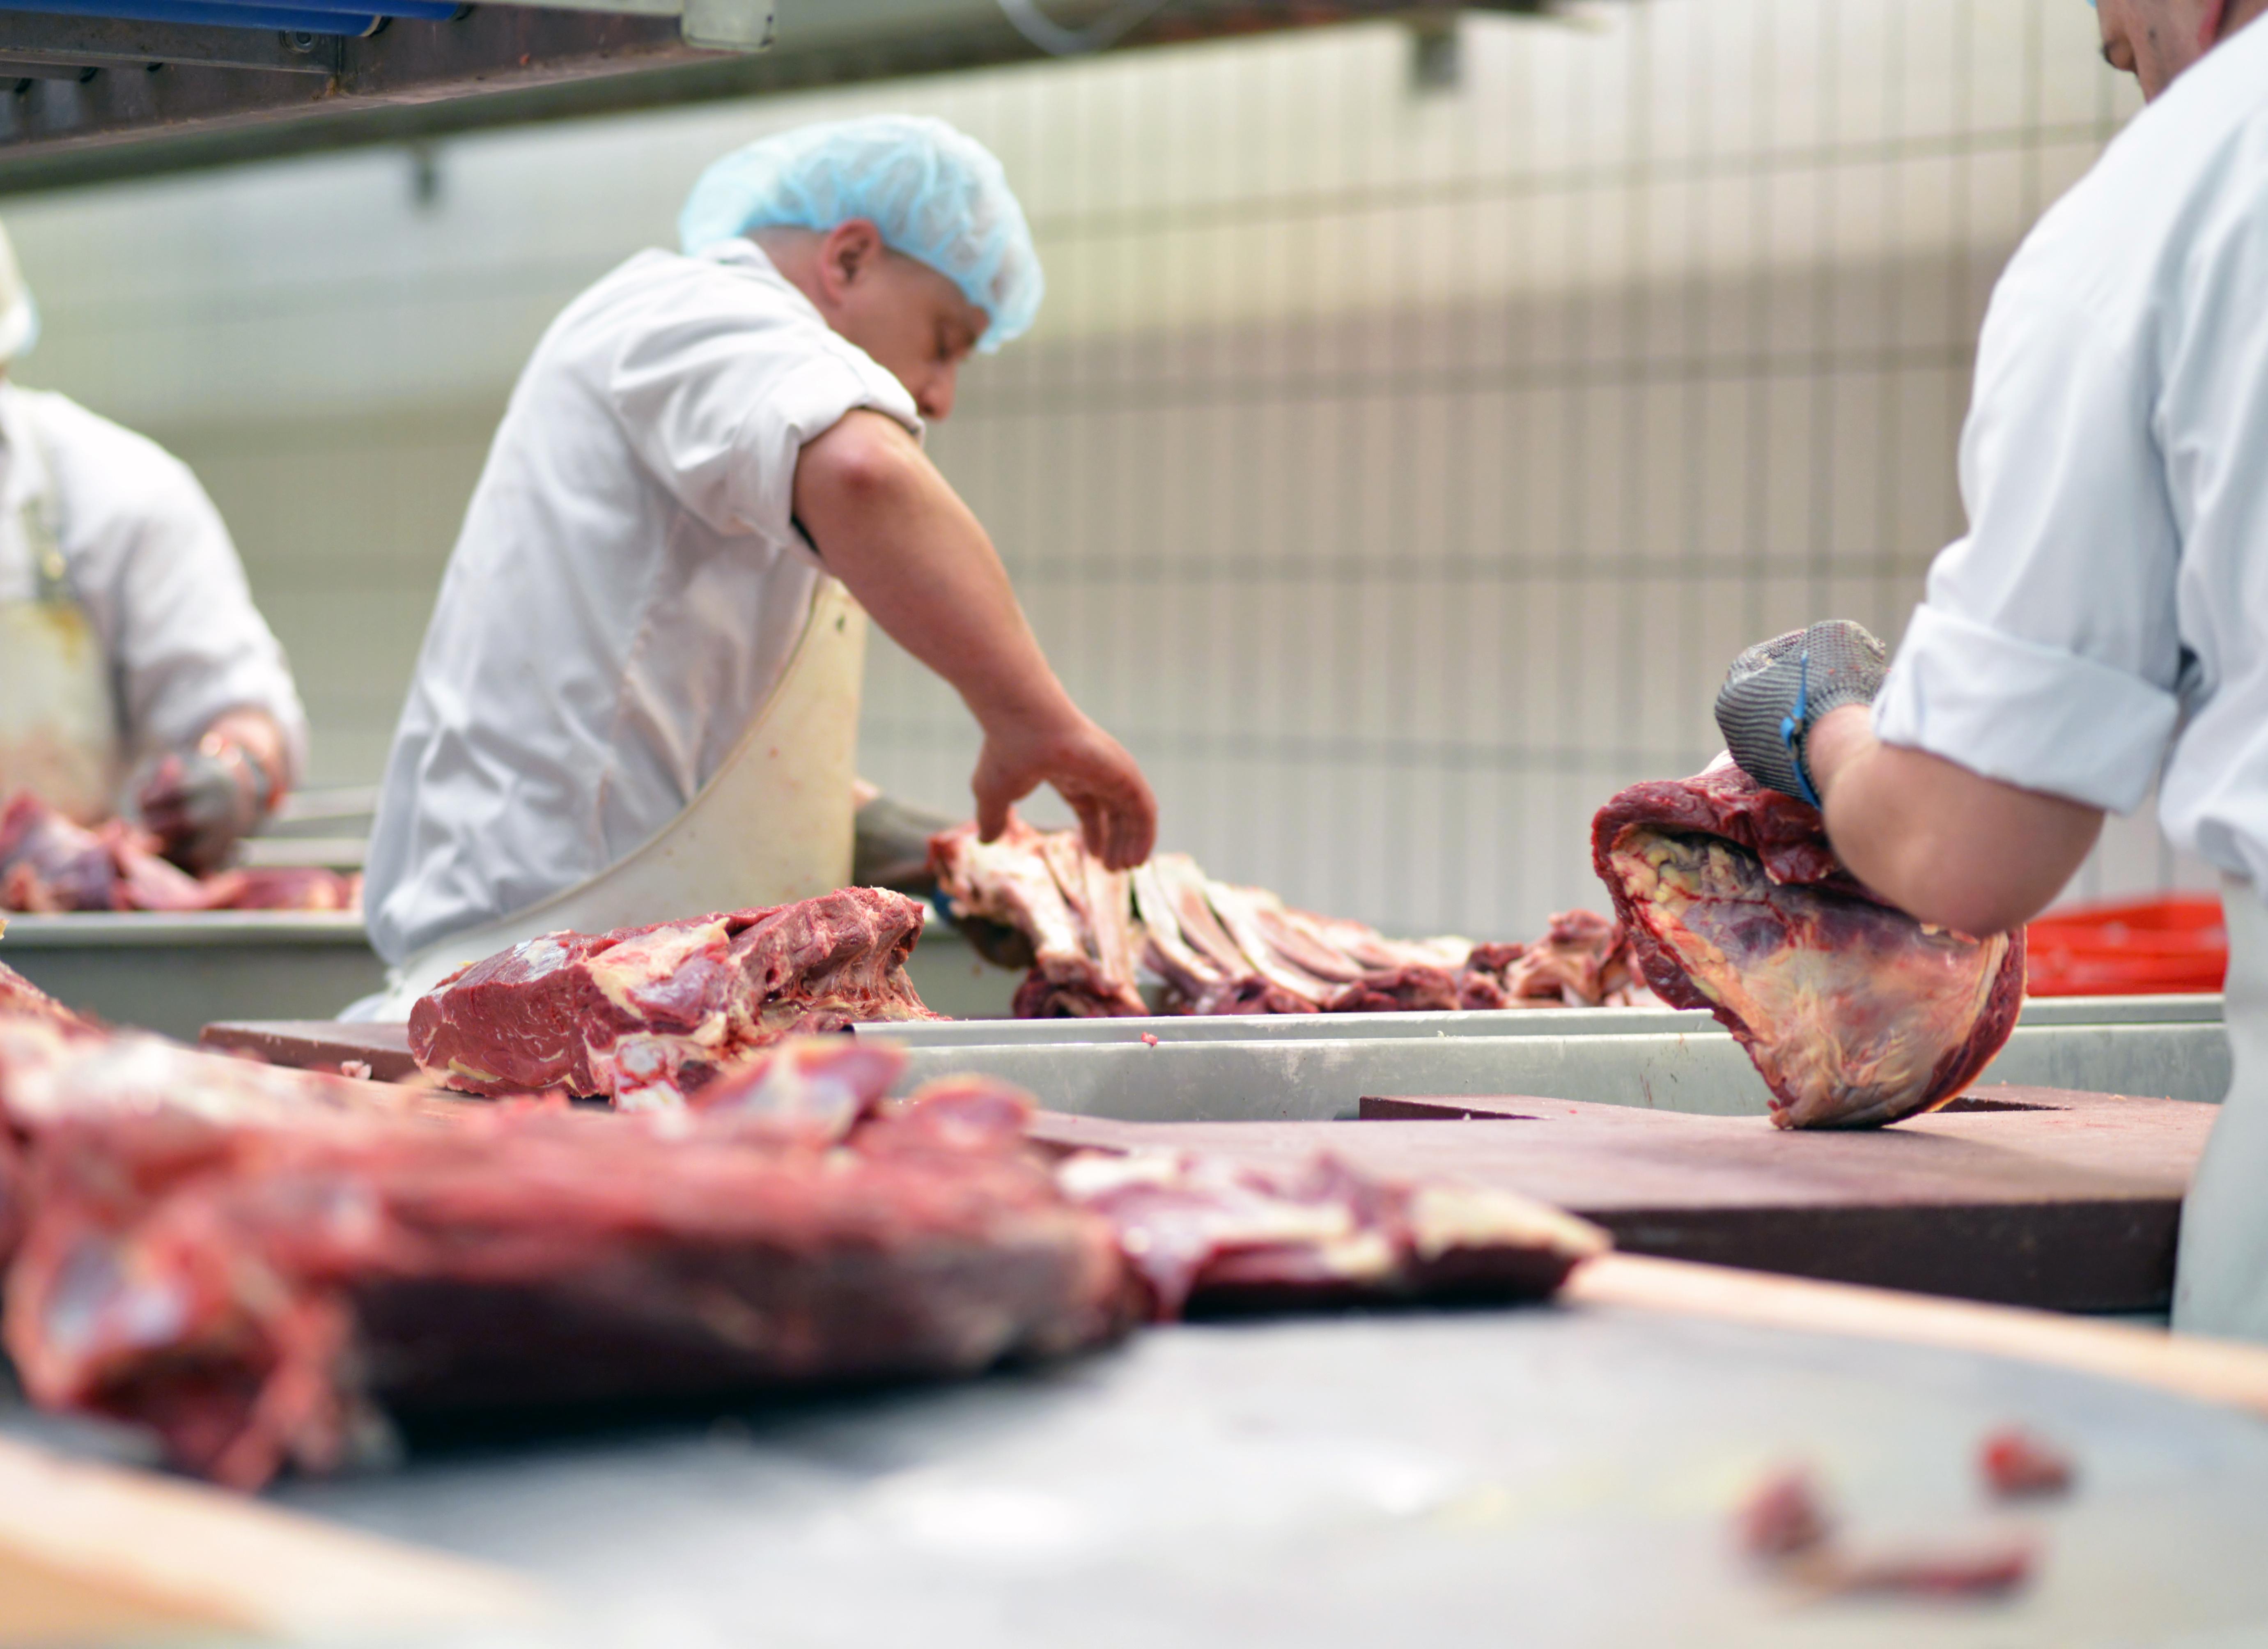 Faktencheck: Werkverträge und Leiharbeit in der Fleischindustrie